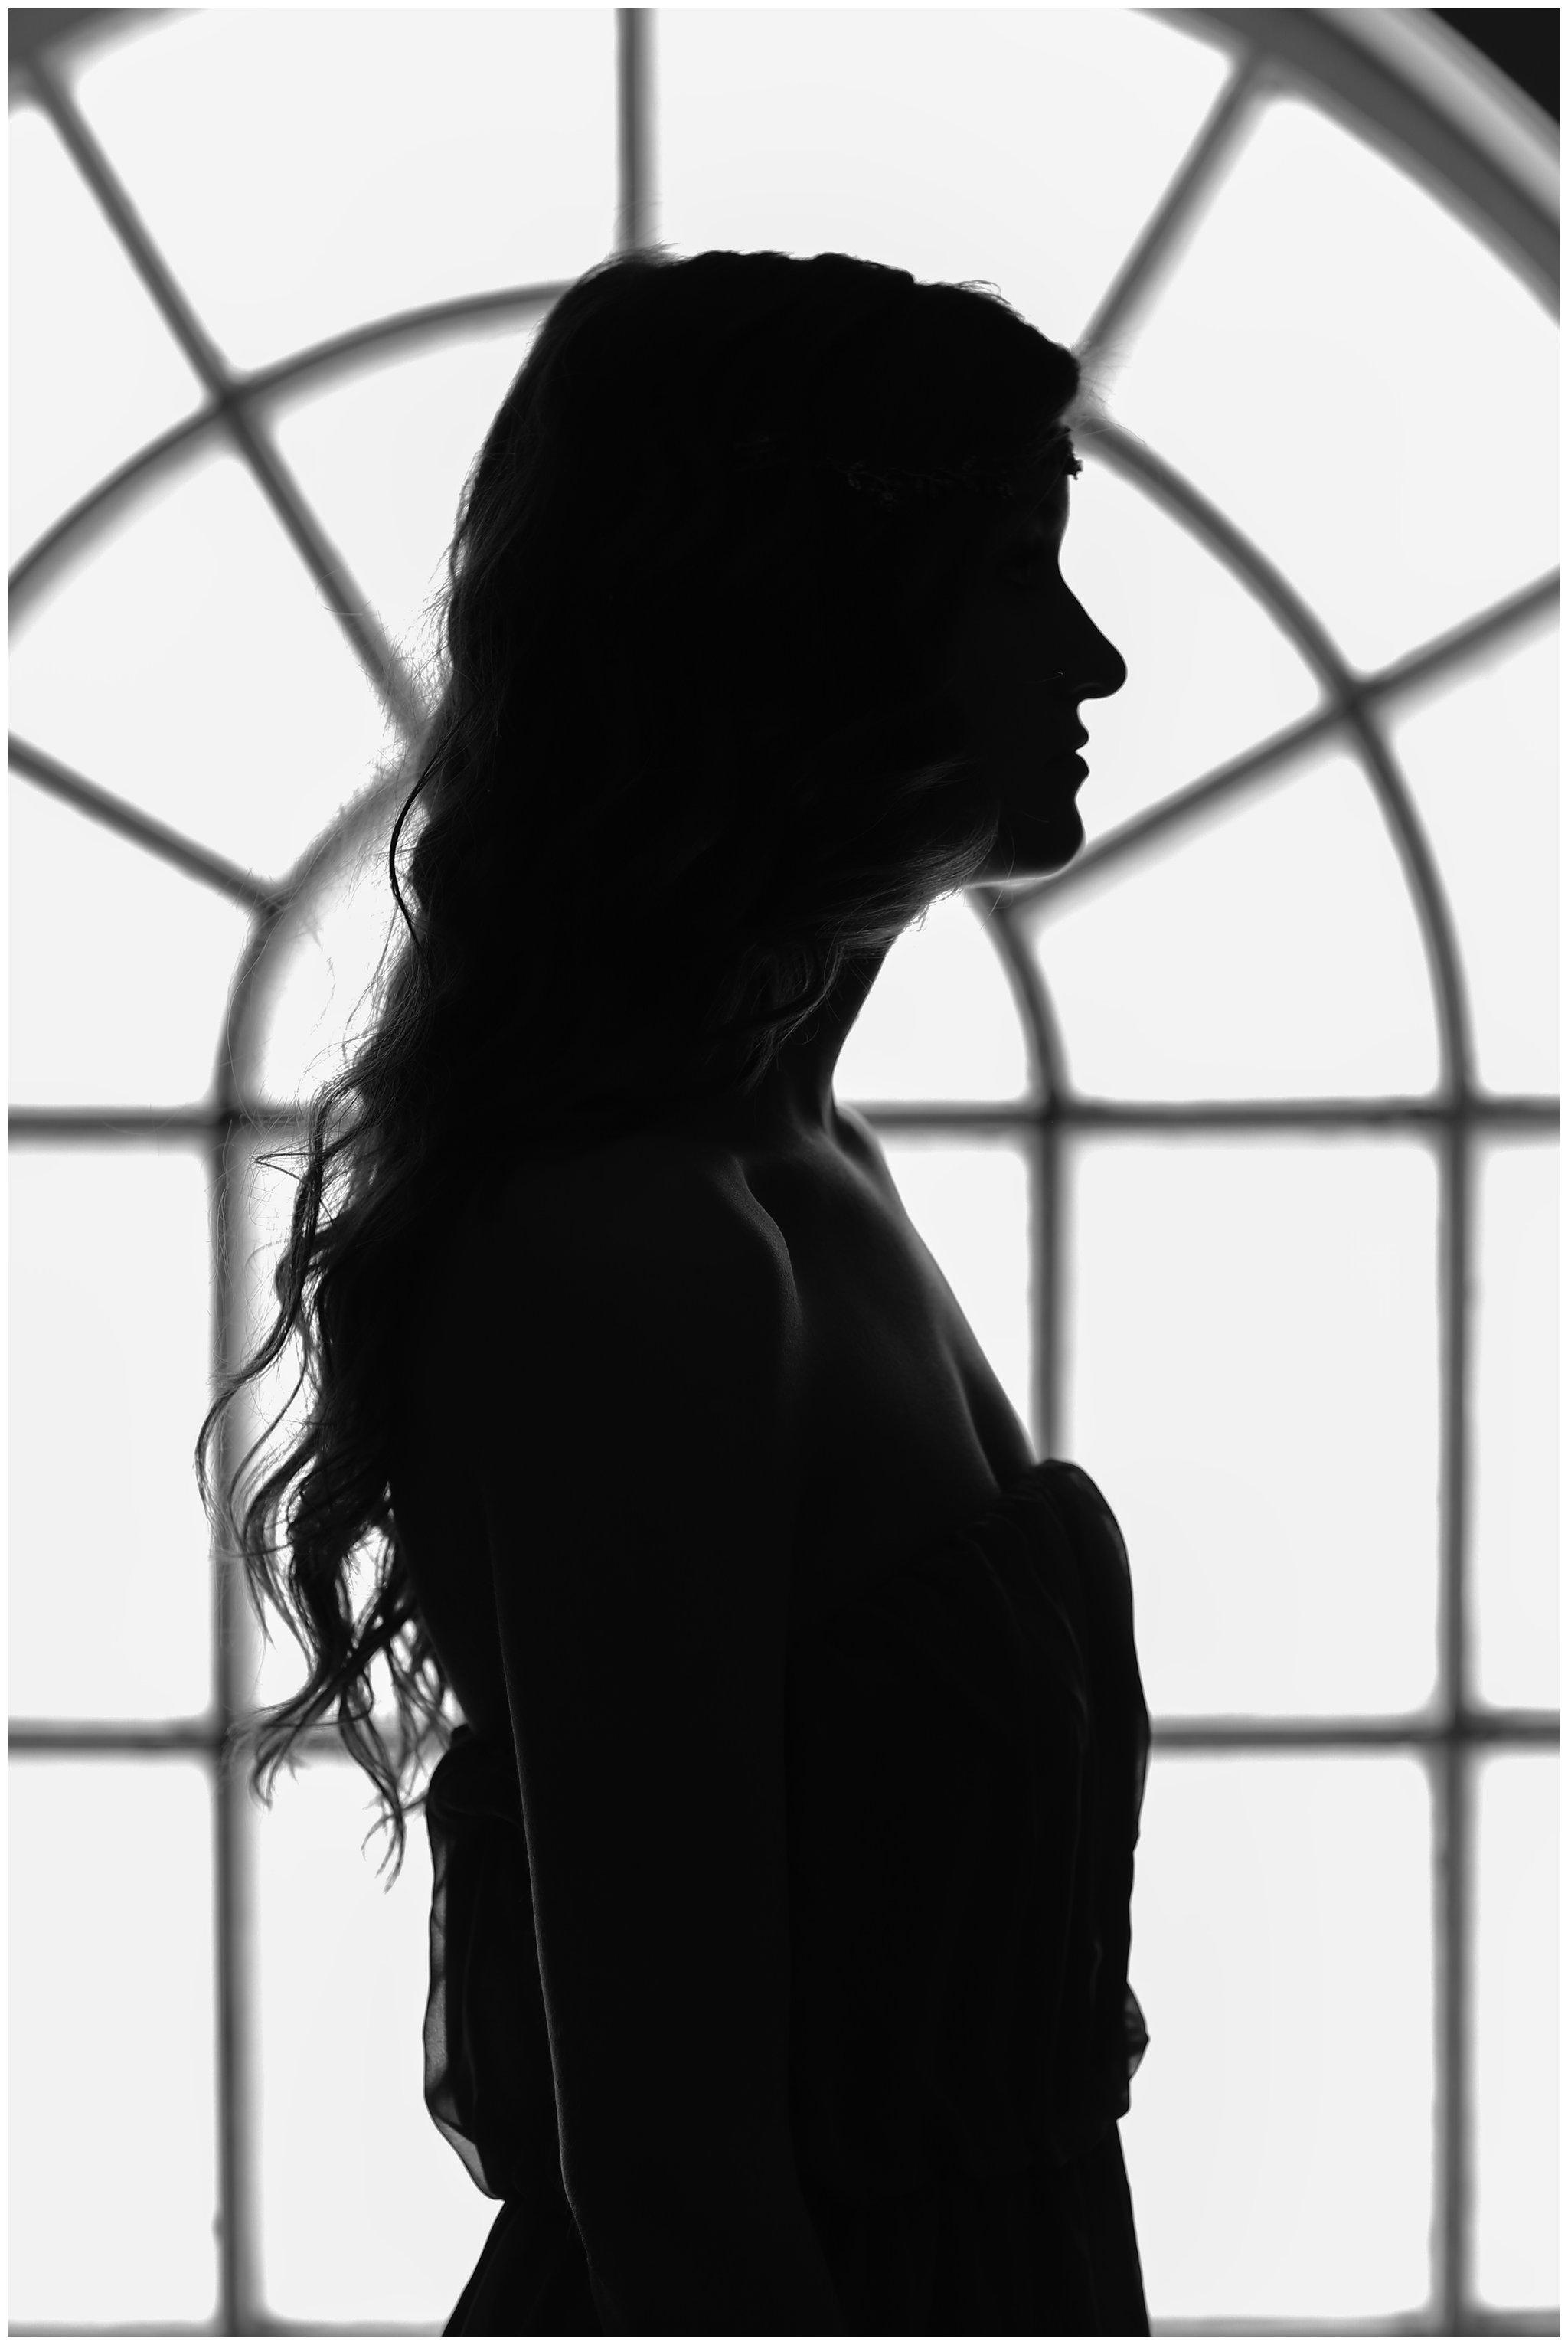 Sarah Window Silhouette